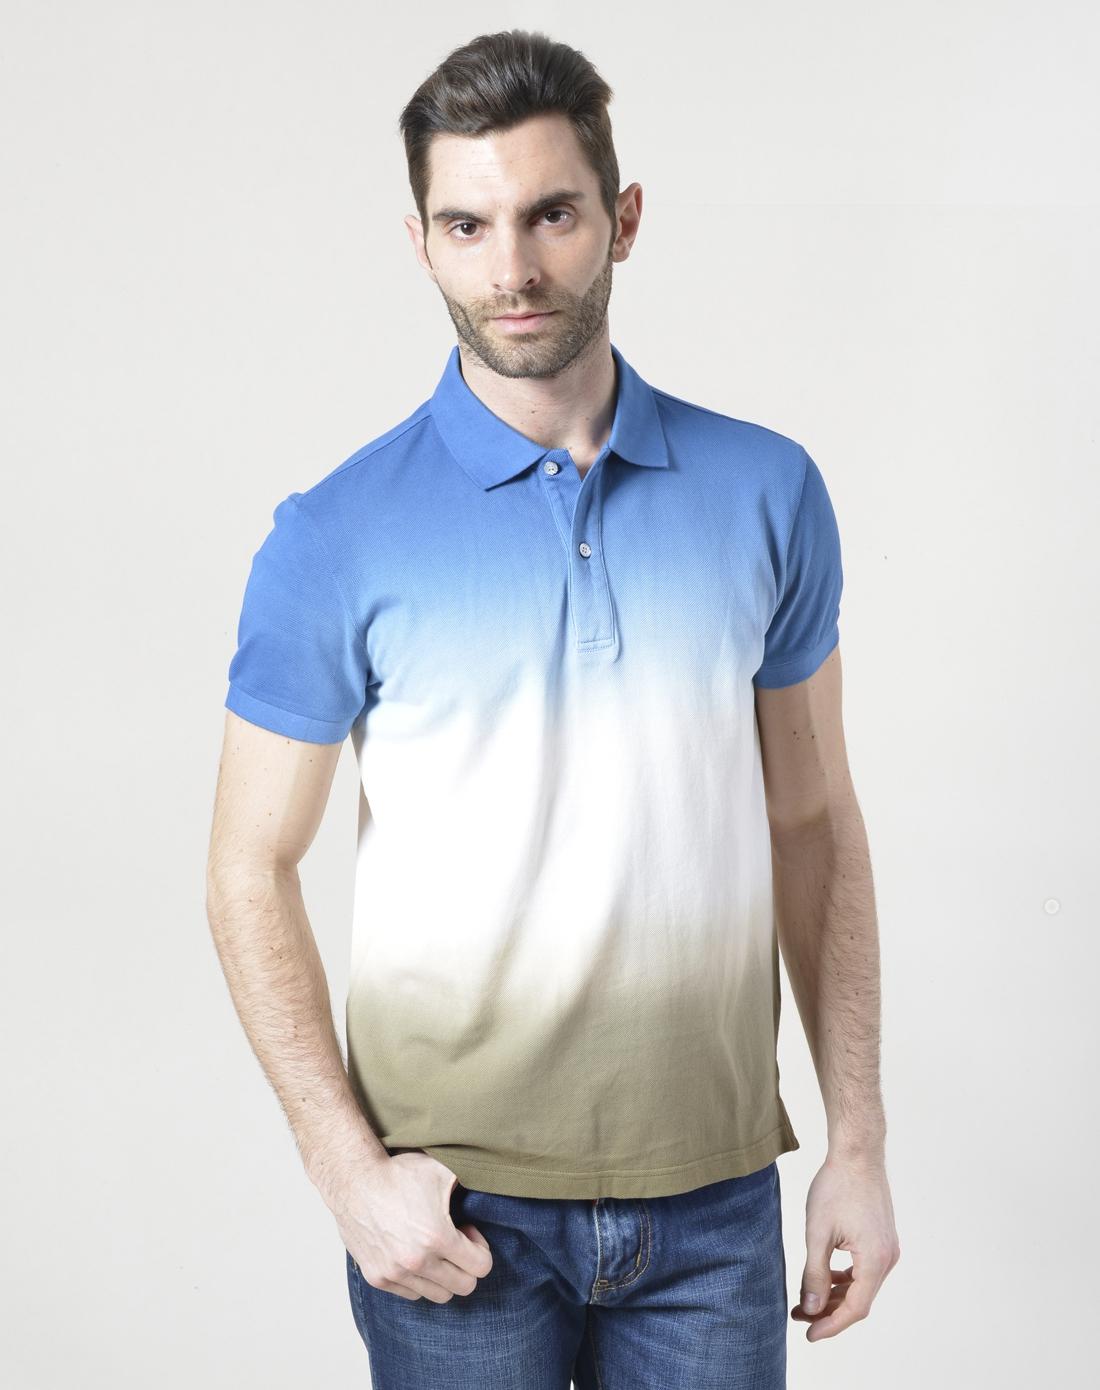 蓝白绿色个性渐变短袖翻领t恤图片